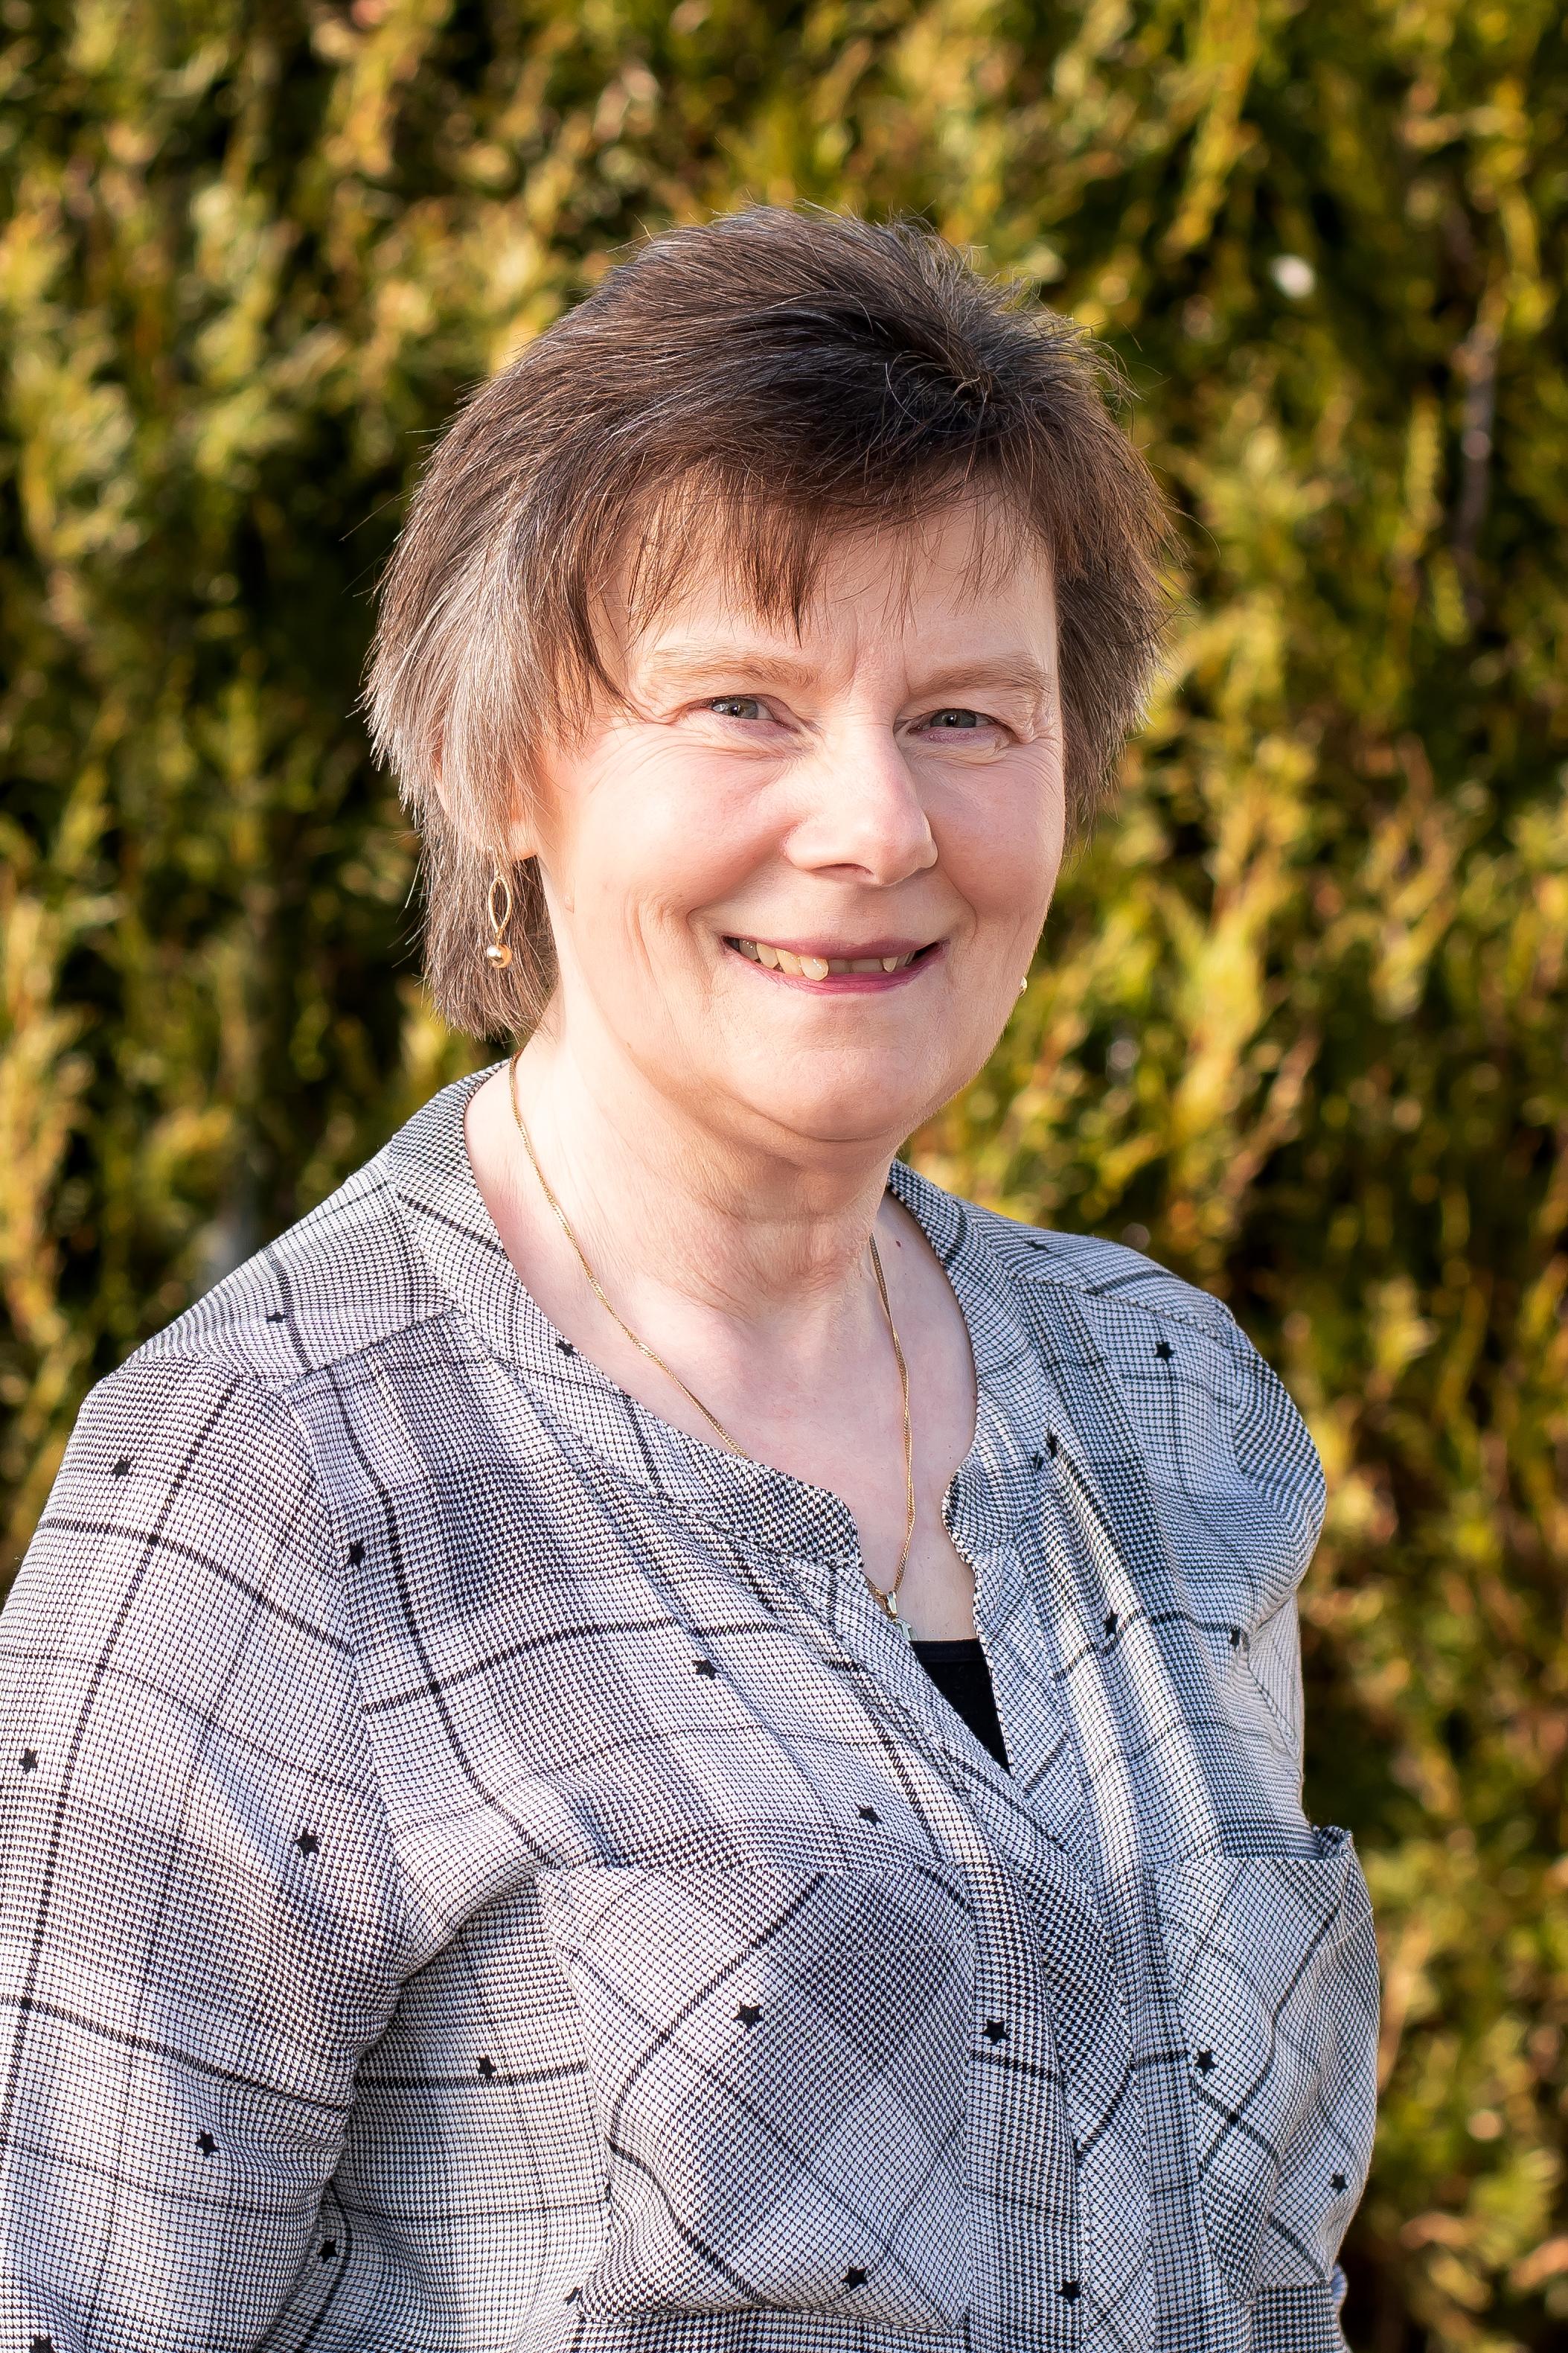 Karin Rünz